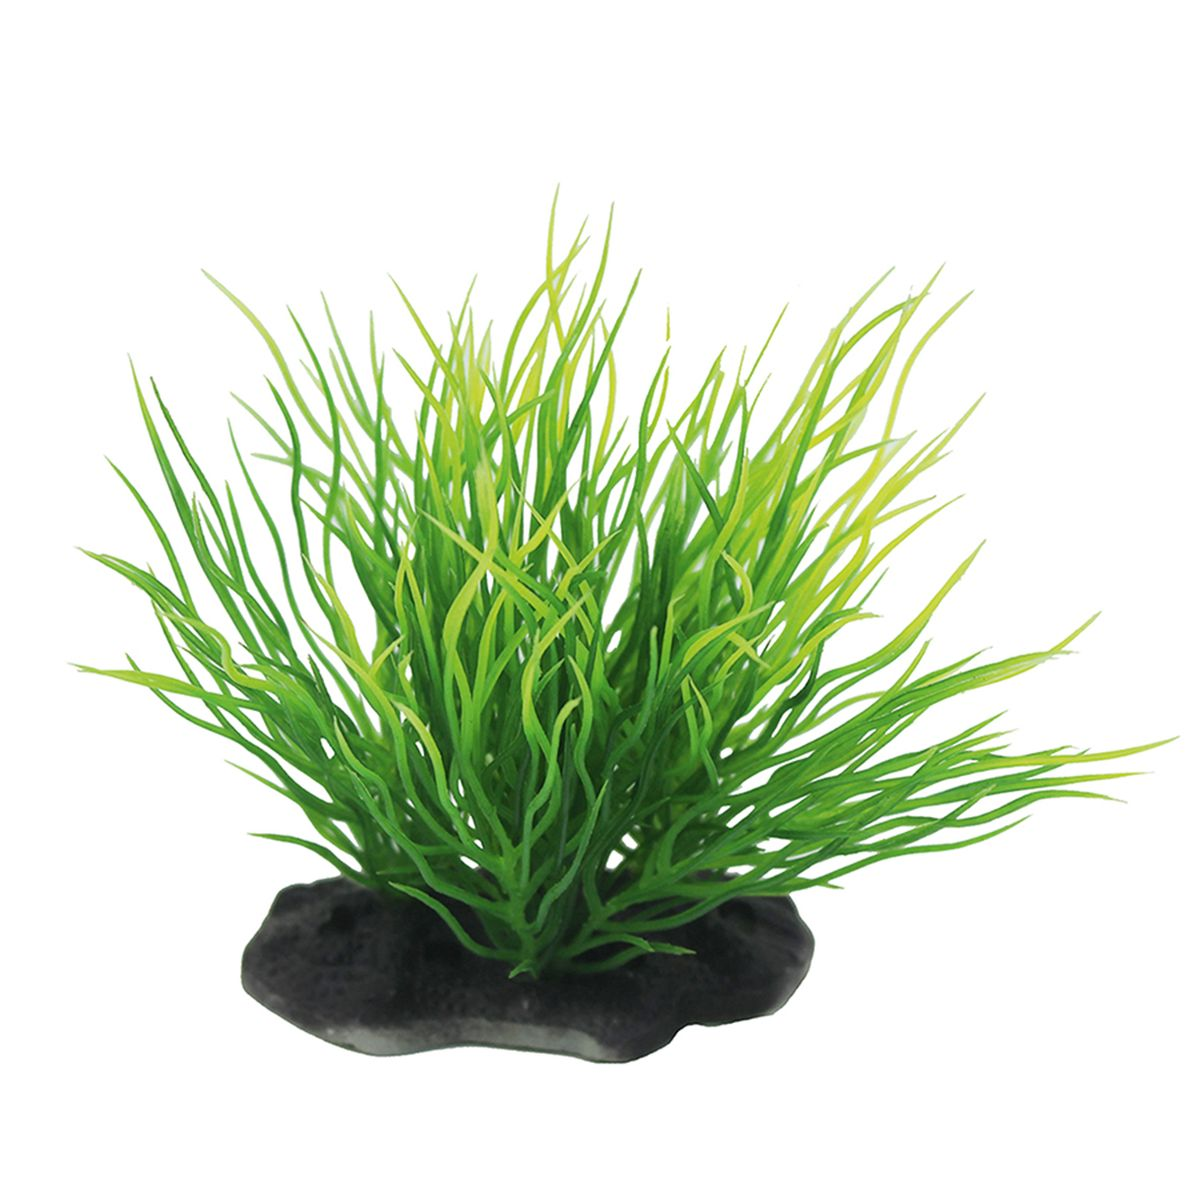 Растение для аквариума ArtUniq Пузырчатка, высота 10-12 см0120710Композиция из искусственных растений ArtUniq превосходно украсит и оживит аквариум.Растения - это важная часть любой композиции, они помогут вдохнуть жизнь в ландшафт любого аквариума или террариума. А их сходствос природными порадует даже самых взыскательных ценителей.